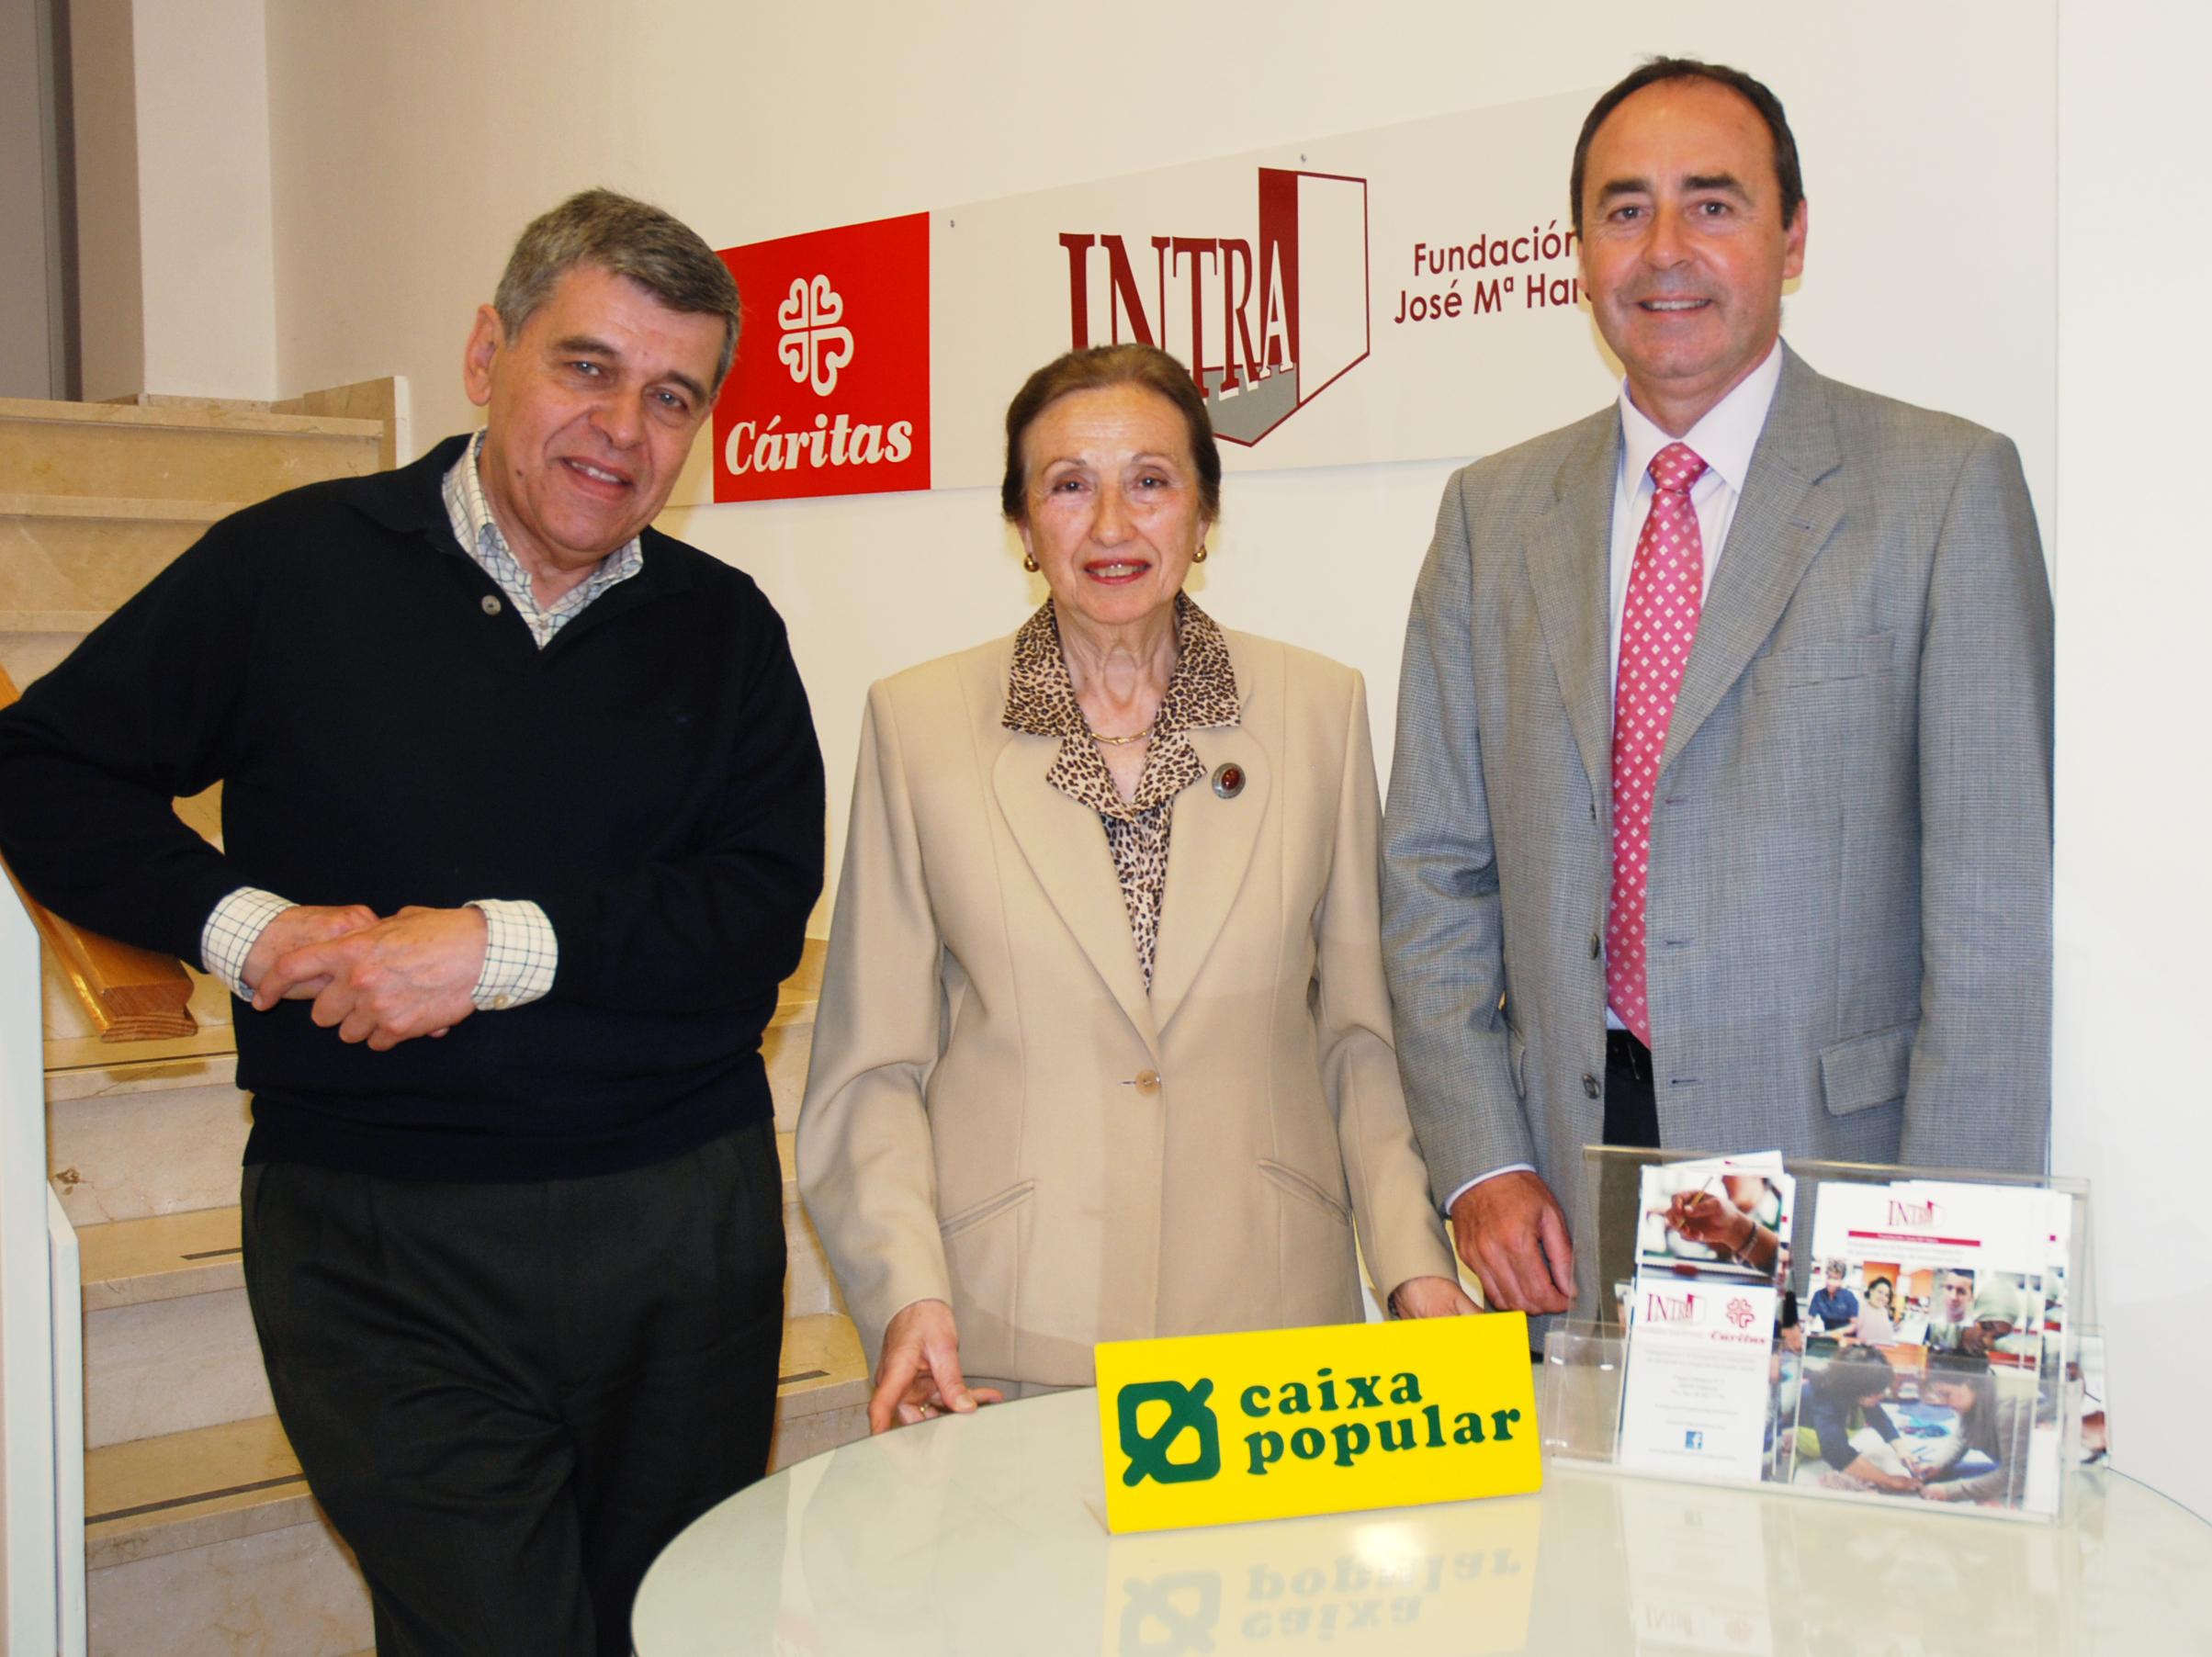 Acuerdo Caixa Popular